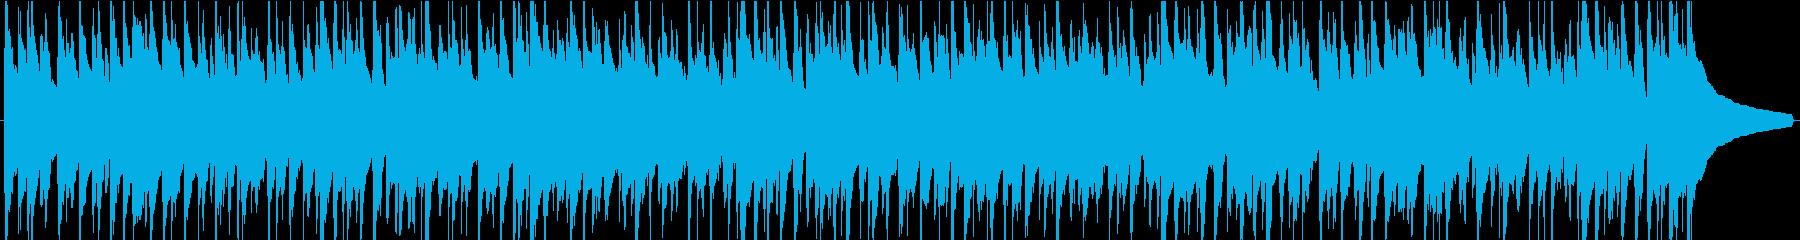 web広告 軽快なウクレレ曲の再生済みの波形